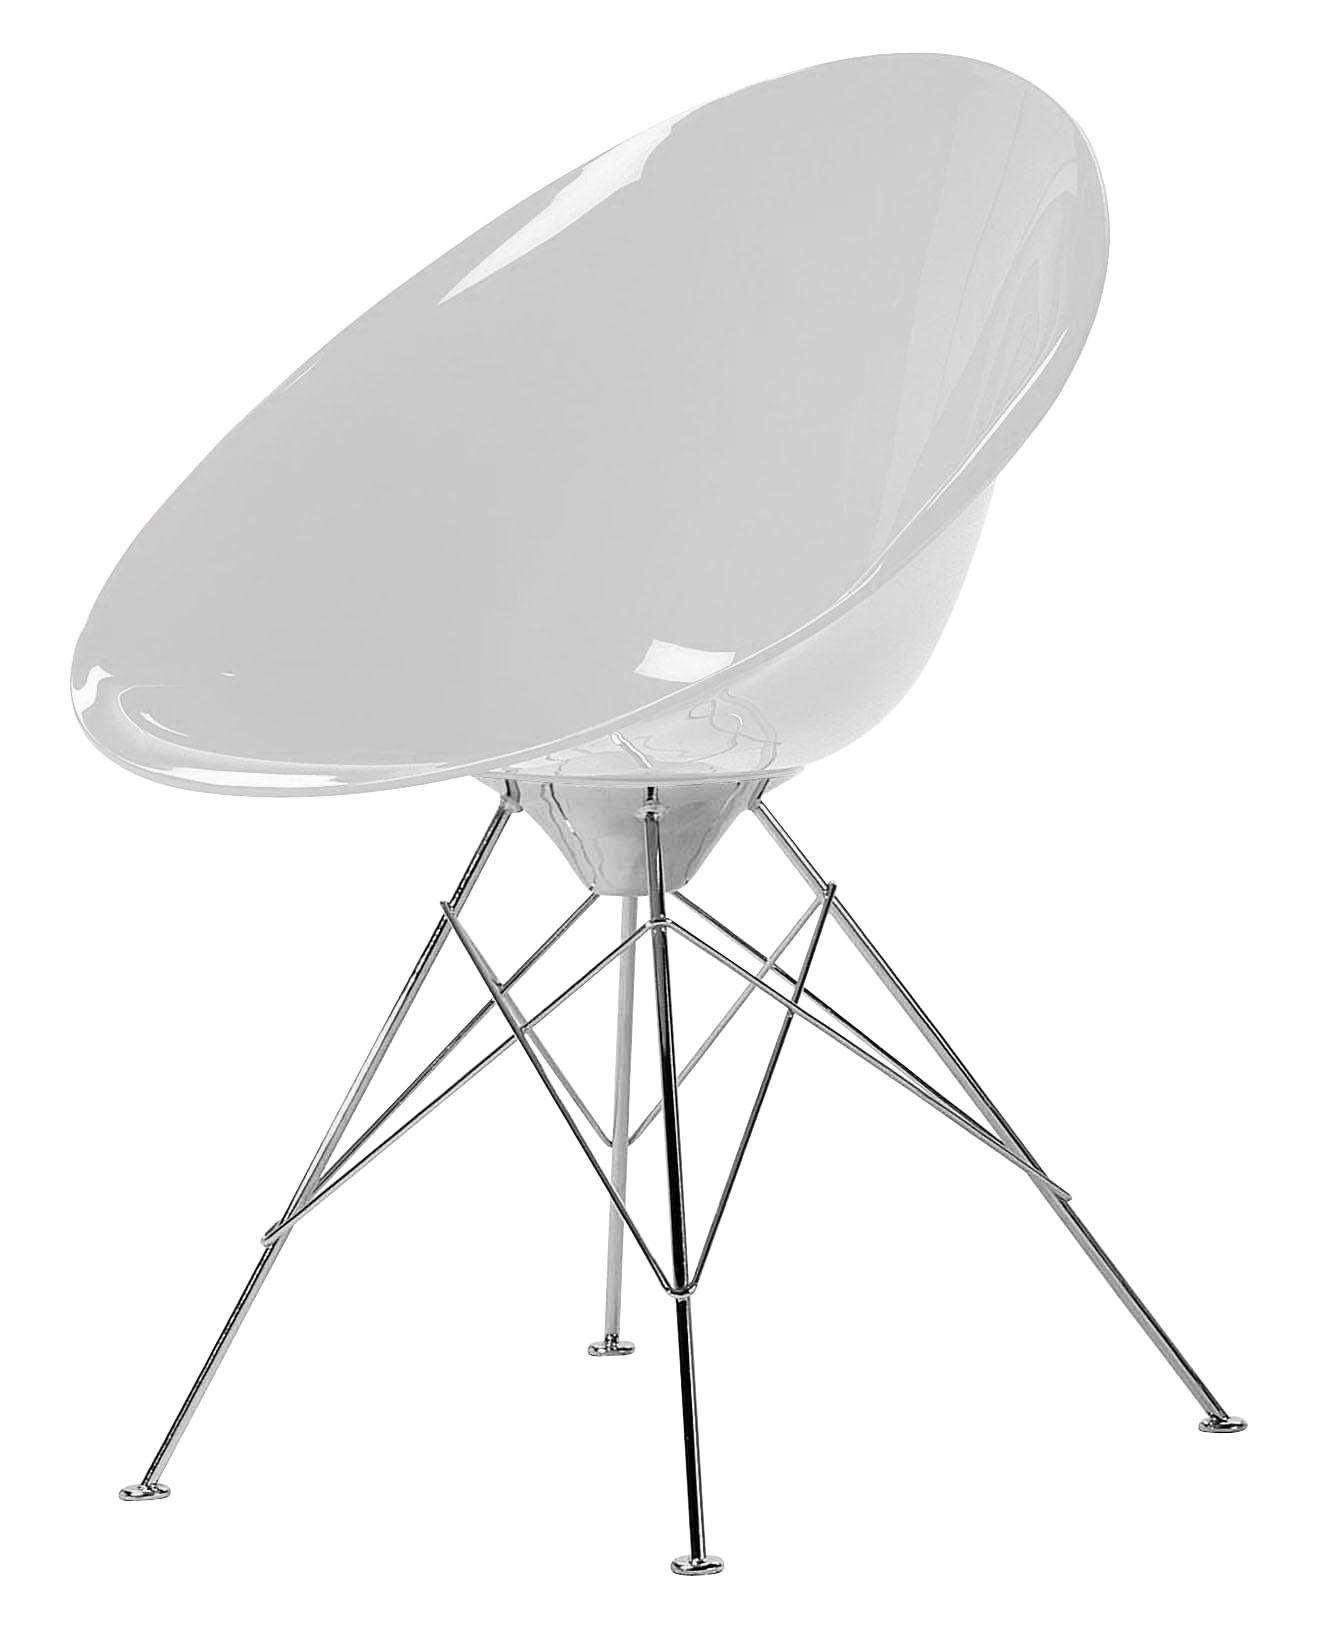 Fauteuil ero s en polycarbonate opaque blanc kartell for Bureau kartell